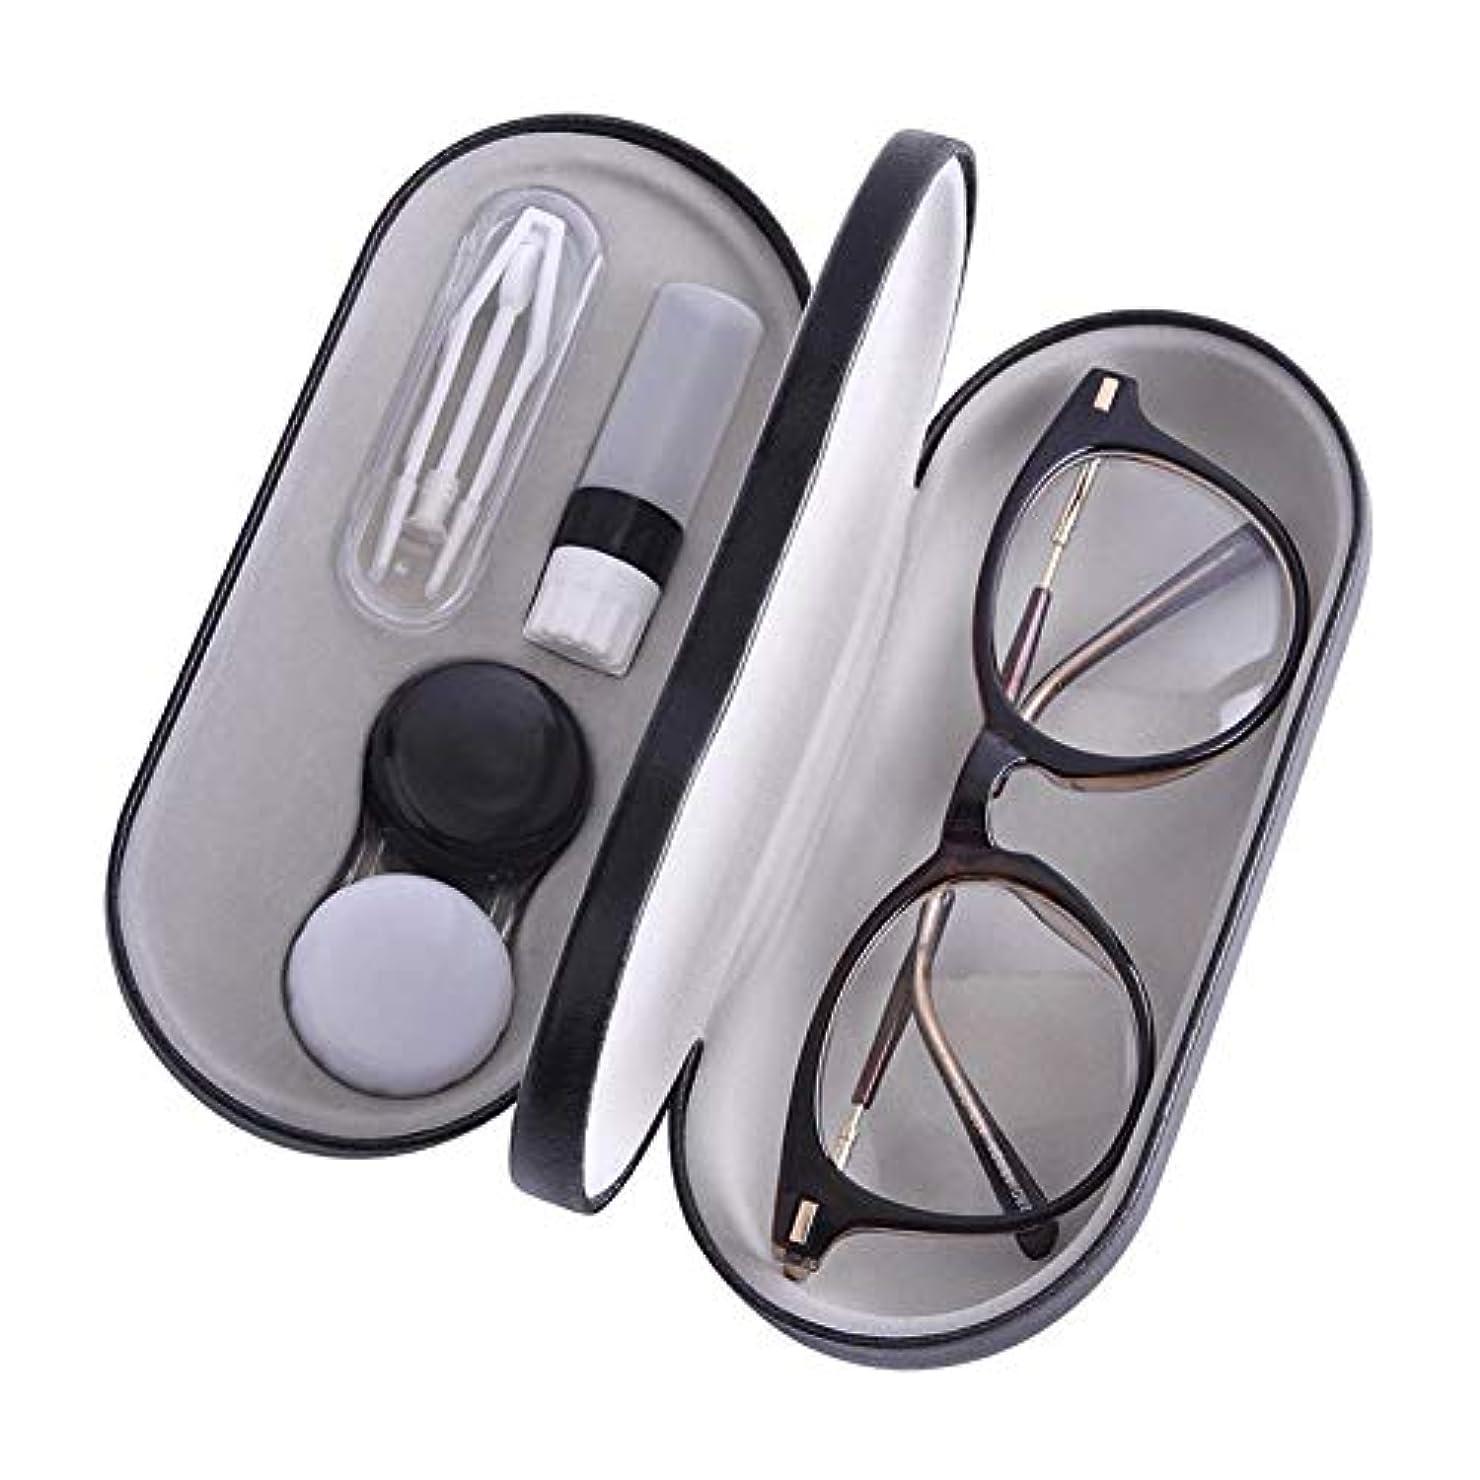 レオナルドダ社会価値のないコンタクトレンズケーストラベルホームイノベーション両面メガネ収納ボックストラベルセットボックス携帯しやすいミニボックスコンテナコンタクトレンズフレーム